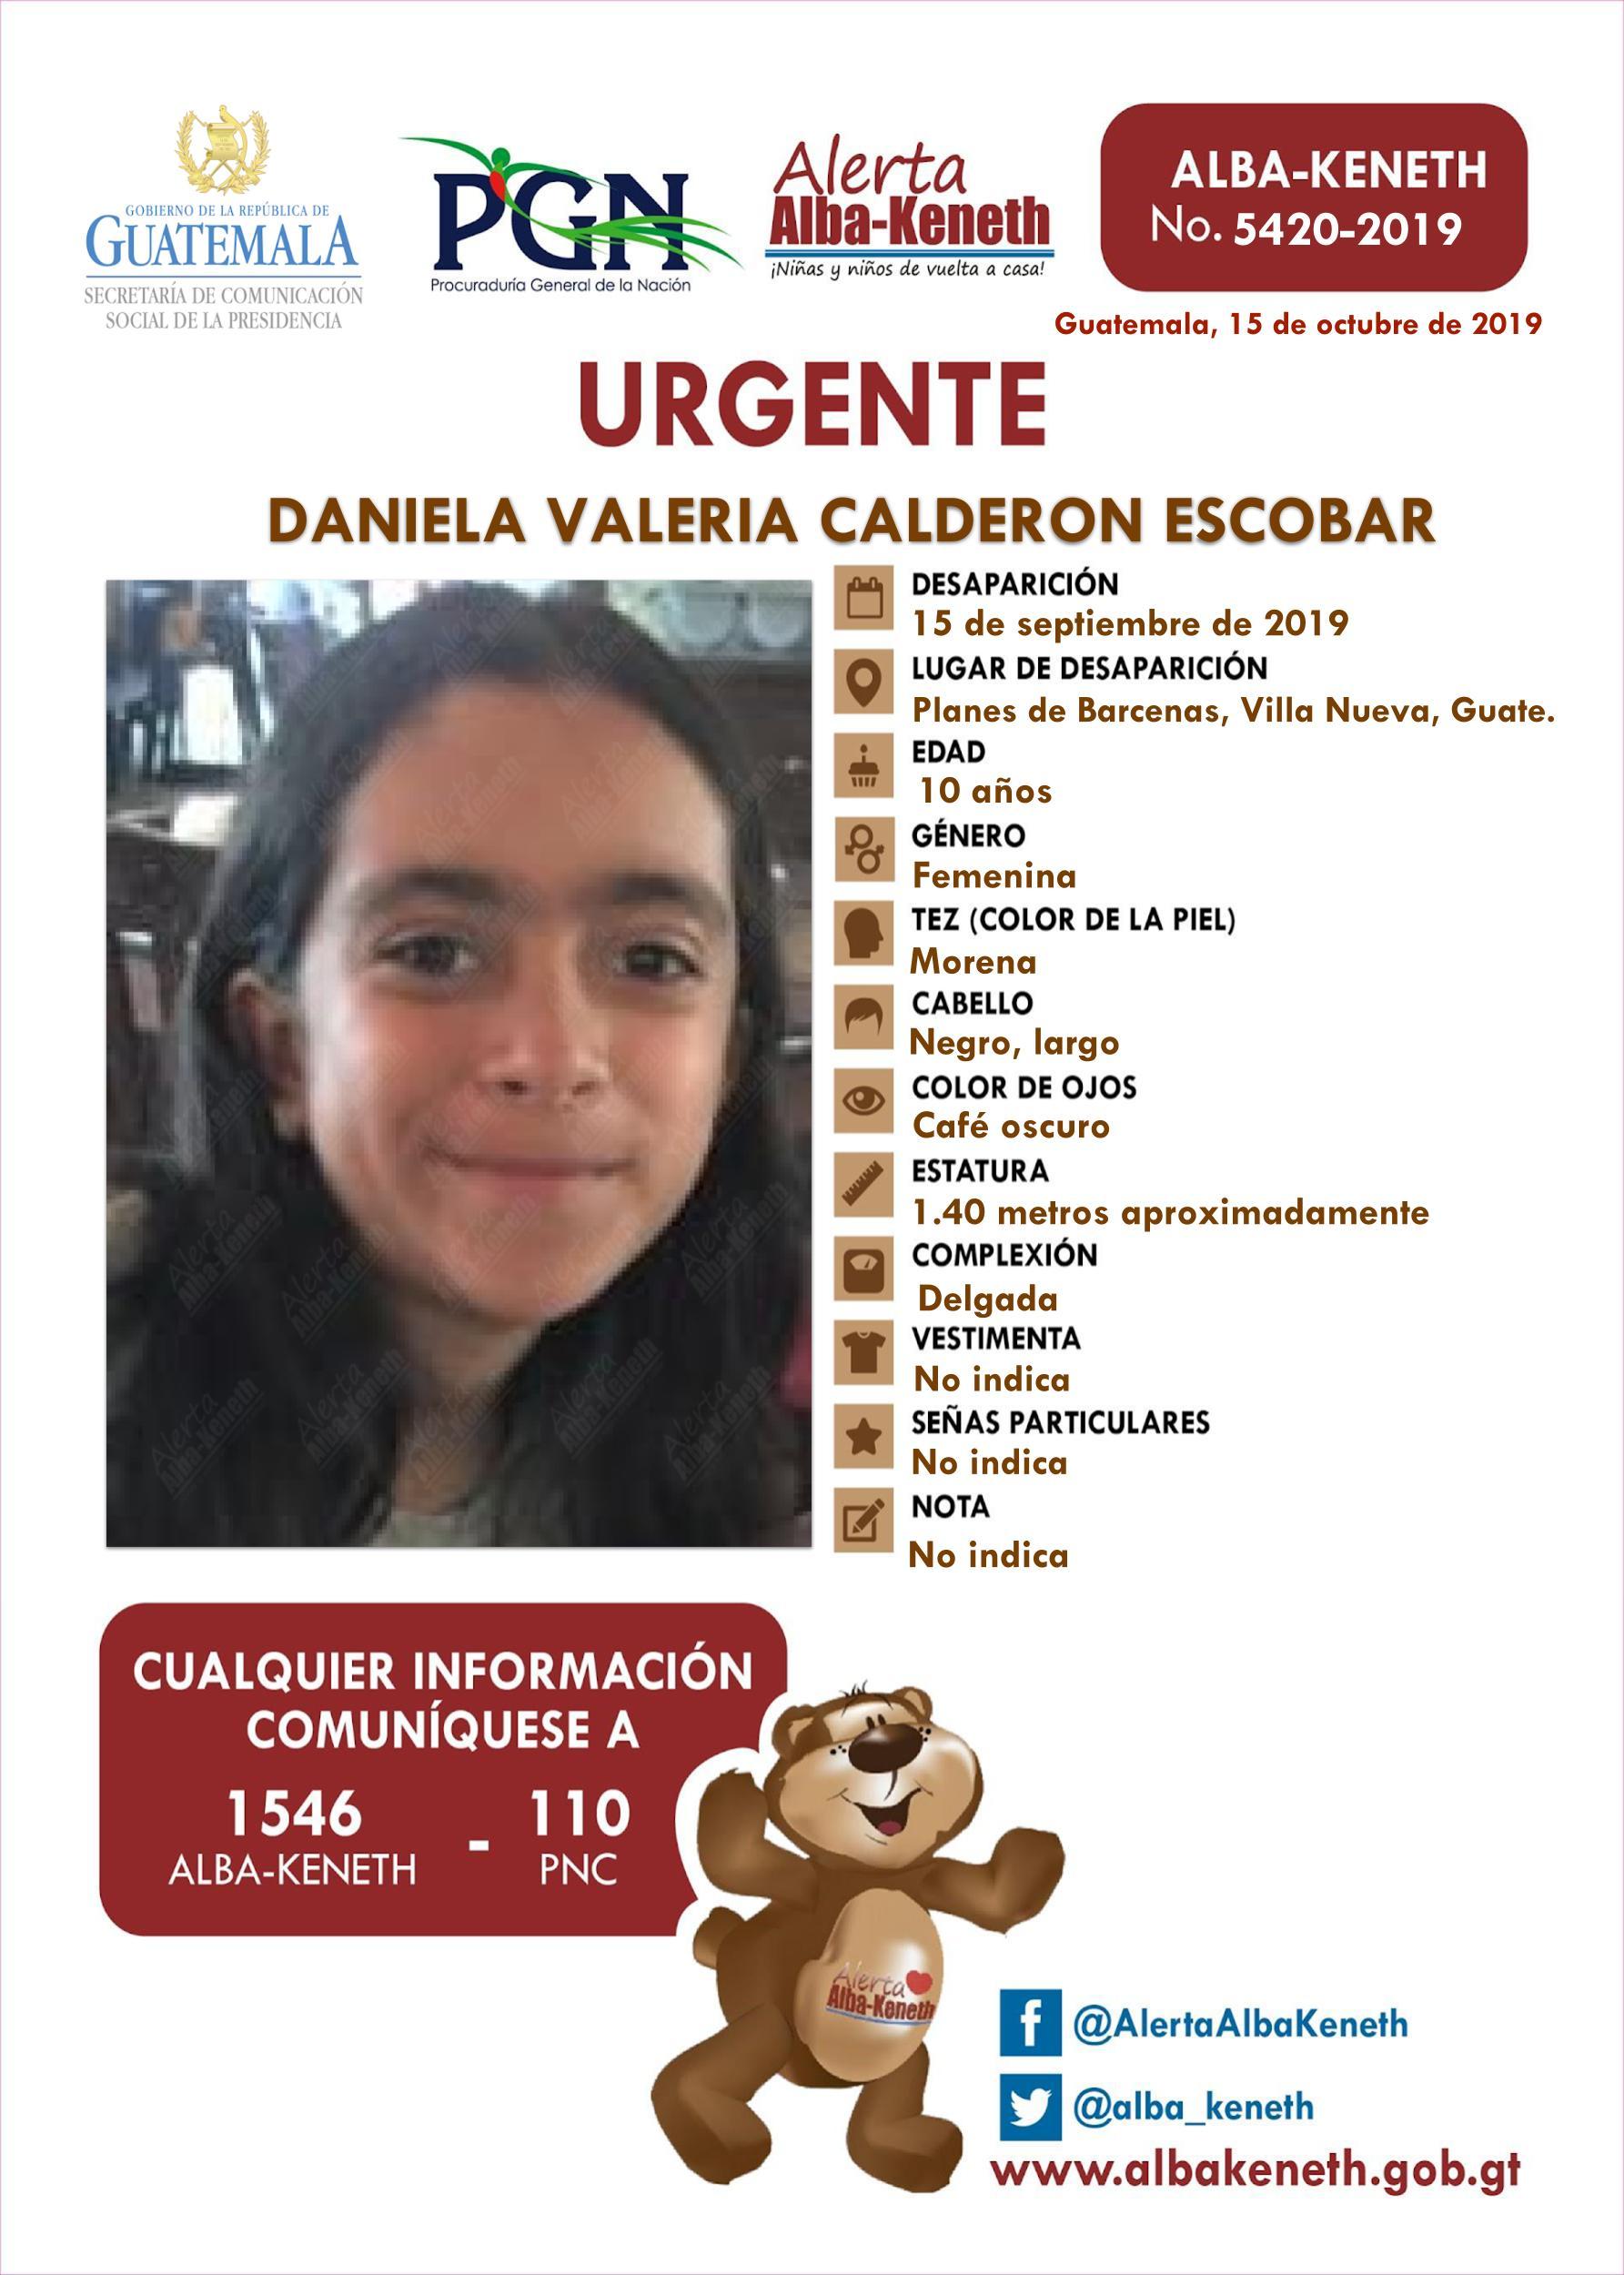 Daniela Valeria Calderon Escobar